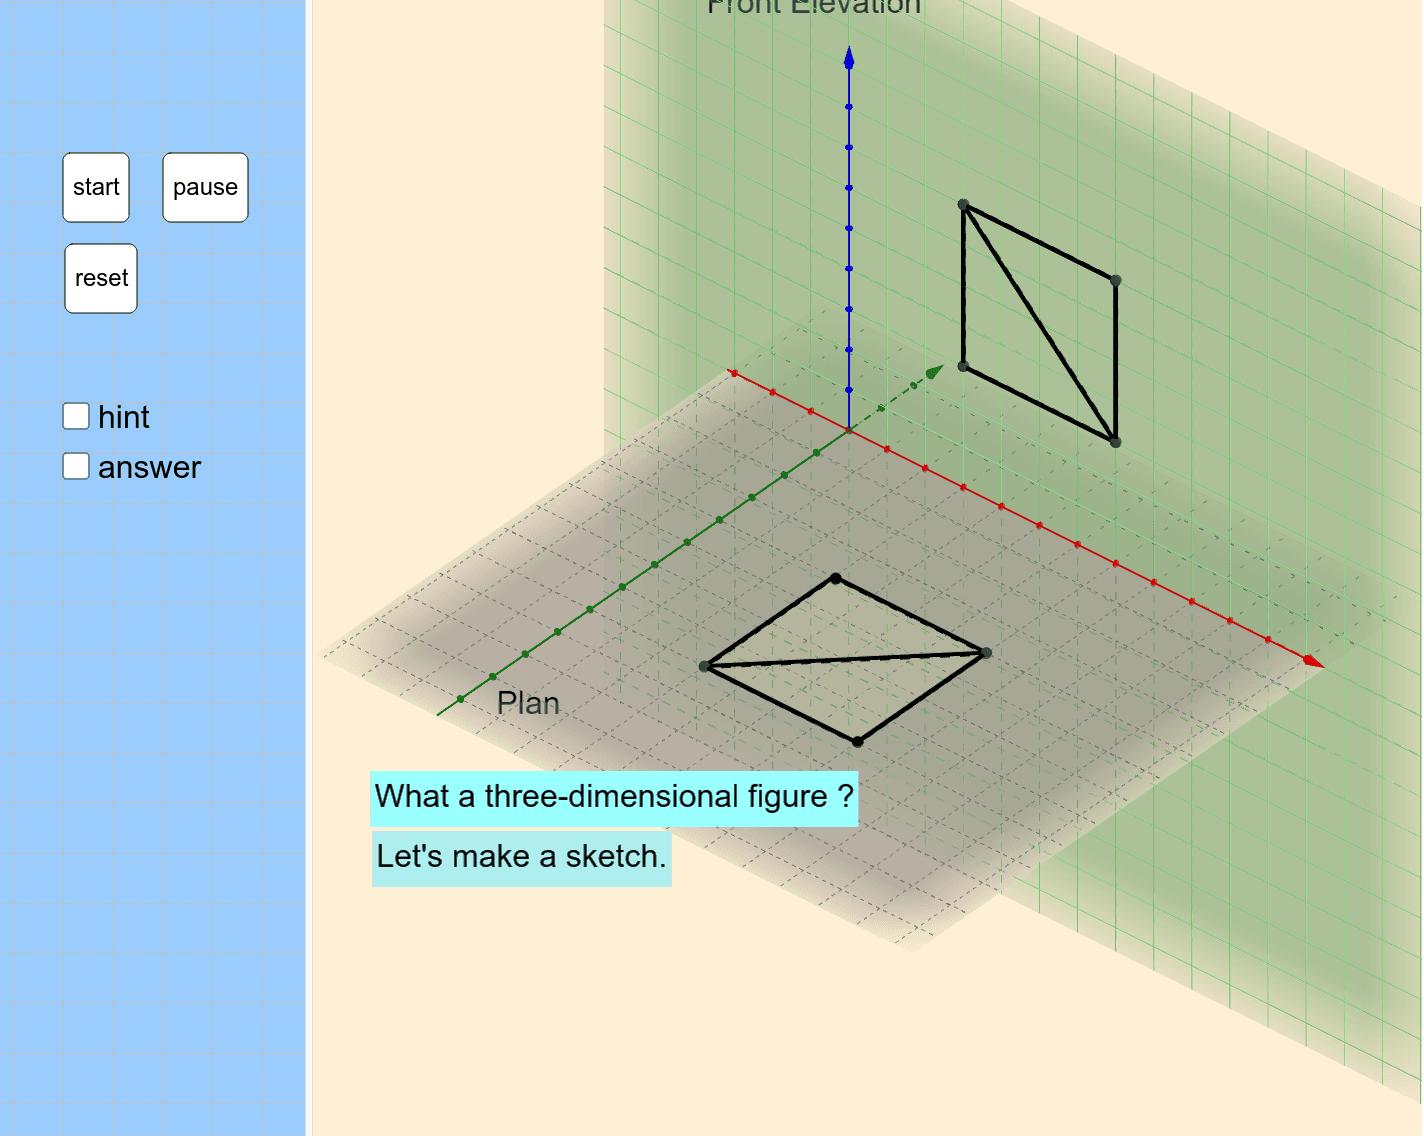 どんな立体図形でしょうか? まずは、[start]をクリック ワークシートを始めるにはEnter キーを押してください。